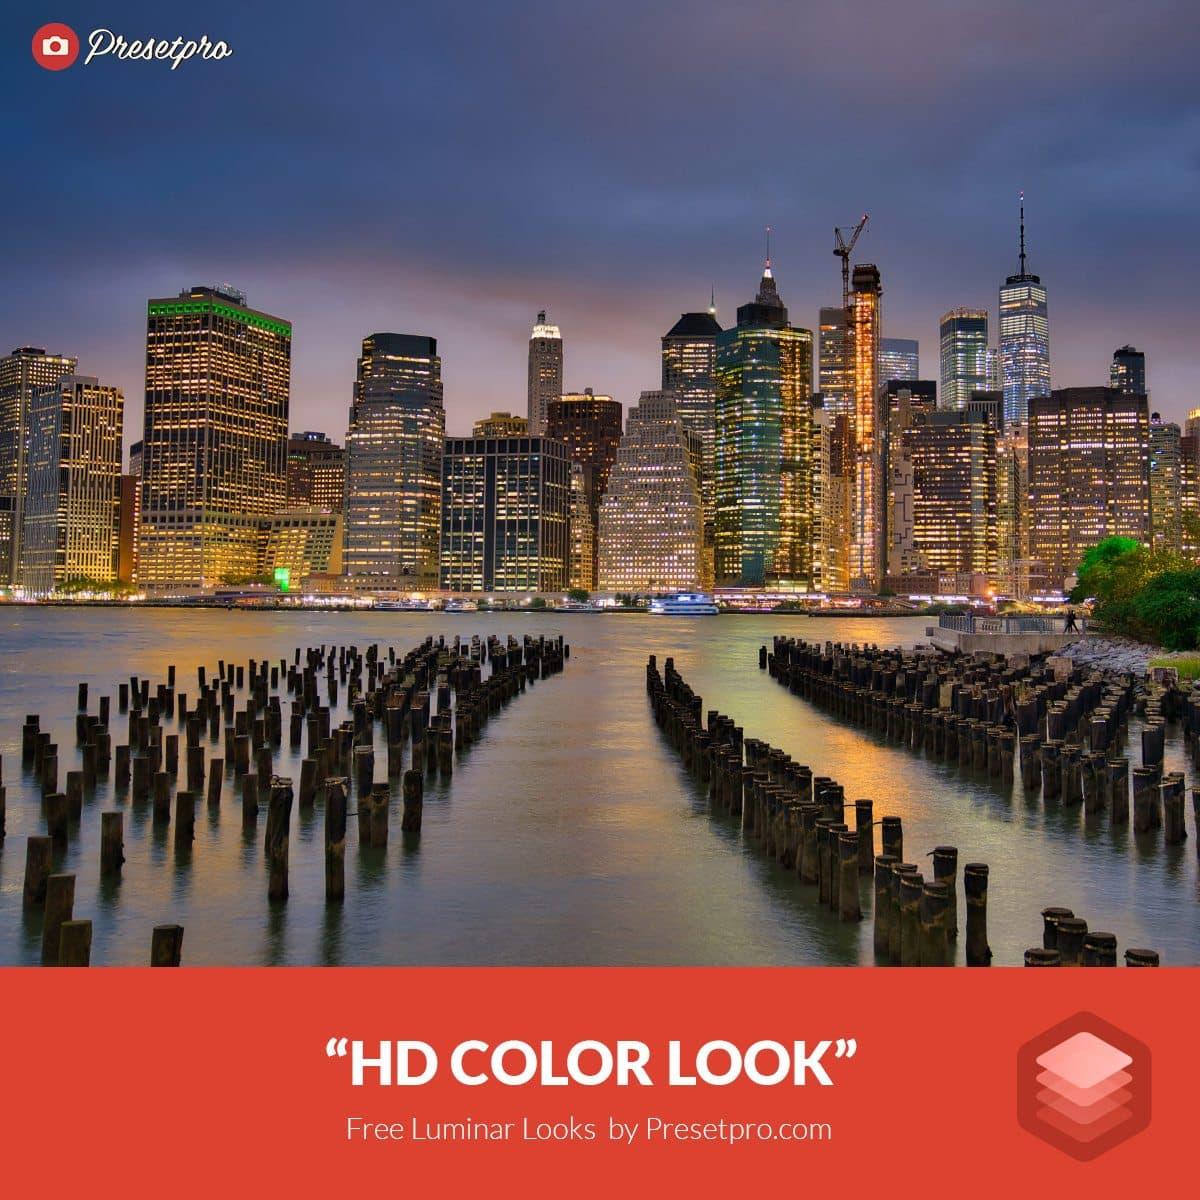 Free-Luminar-Preset-HD-Color-Look-Presetpro.com